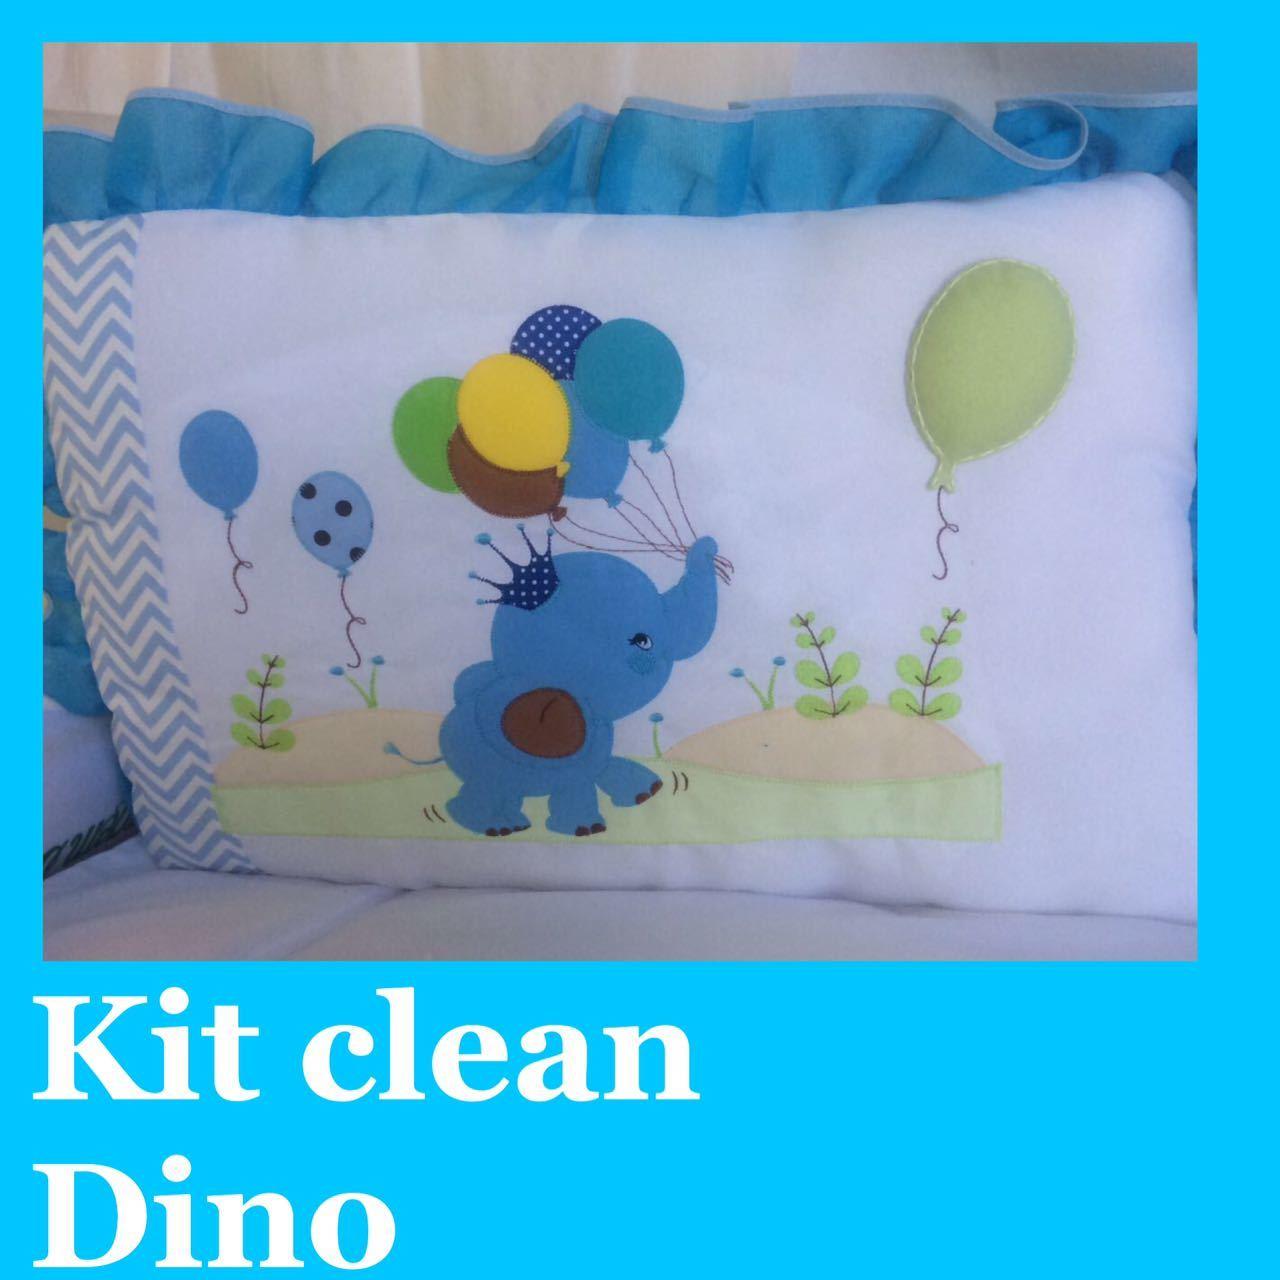 Kit Clean Dino